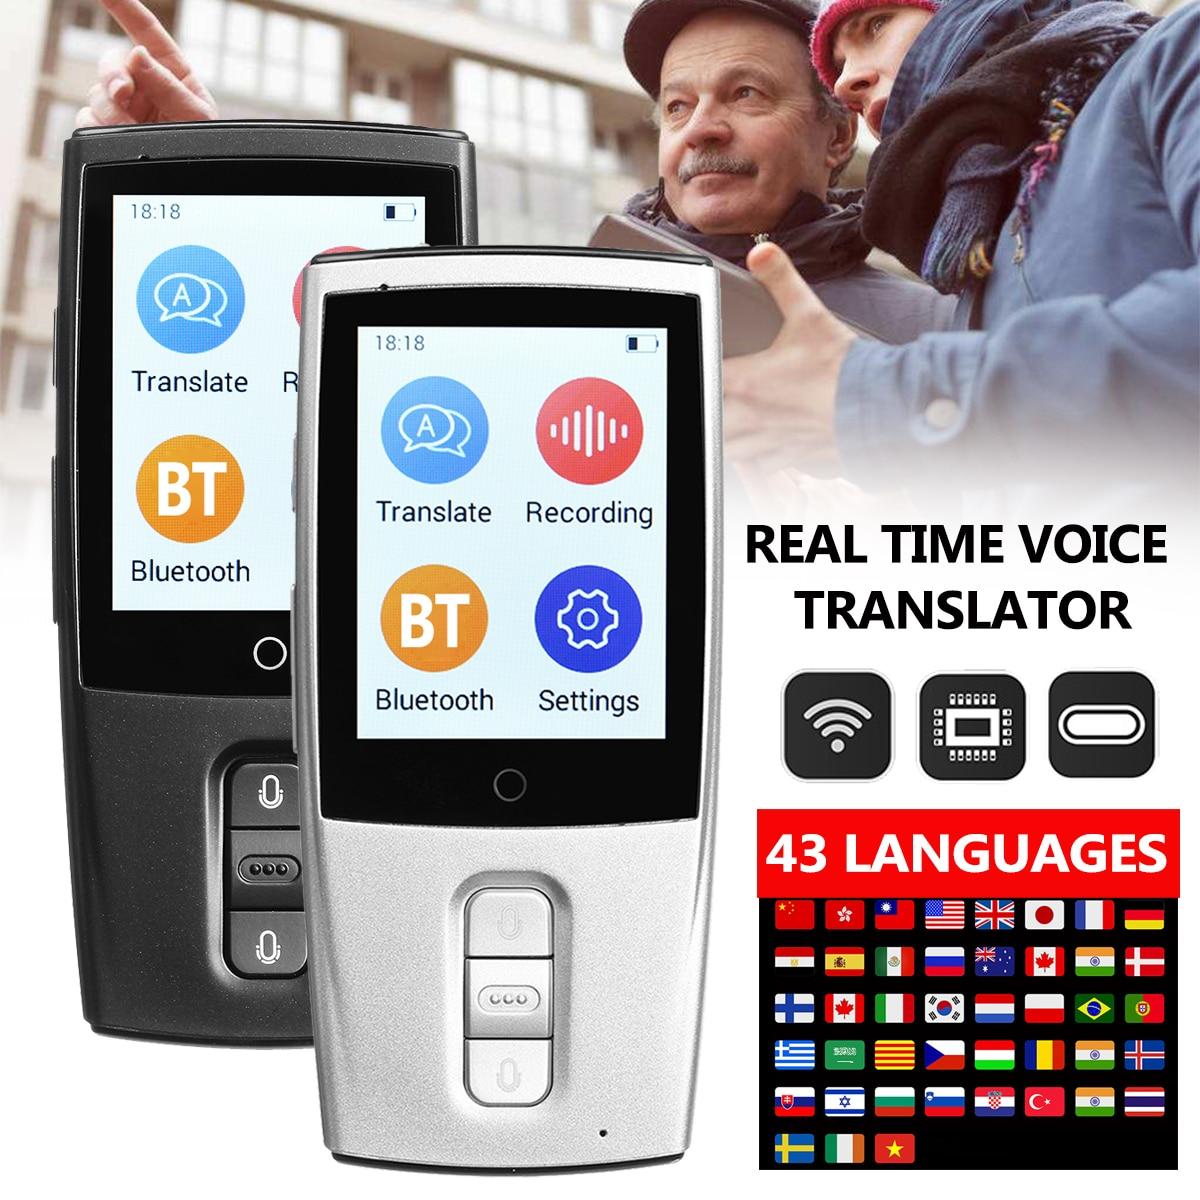 Portable Intelligent Voix Traducteur Bidirectionnelle En Temps Réel WiFi 43 Langues Instantanée Traductor Traduction pour L'apprentissage Réunion D'affaires